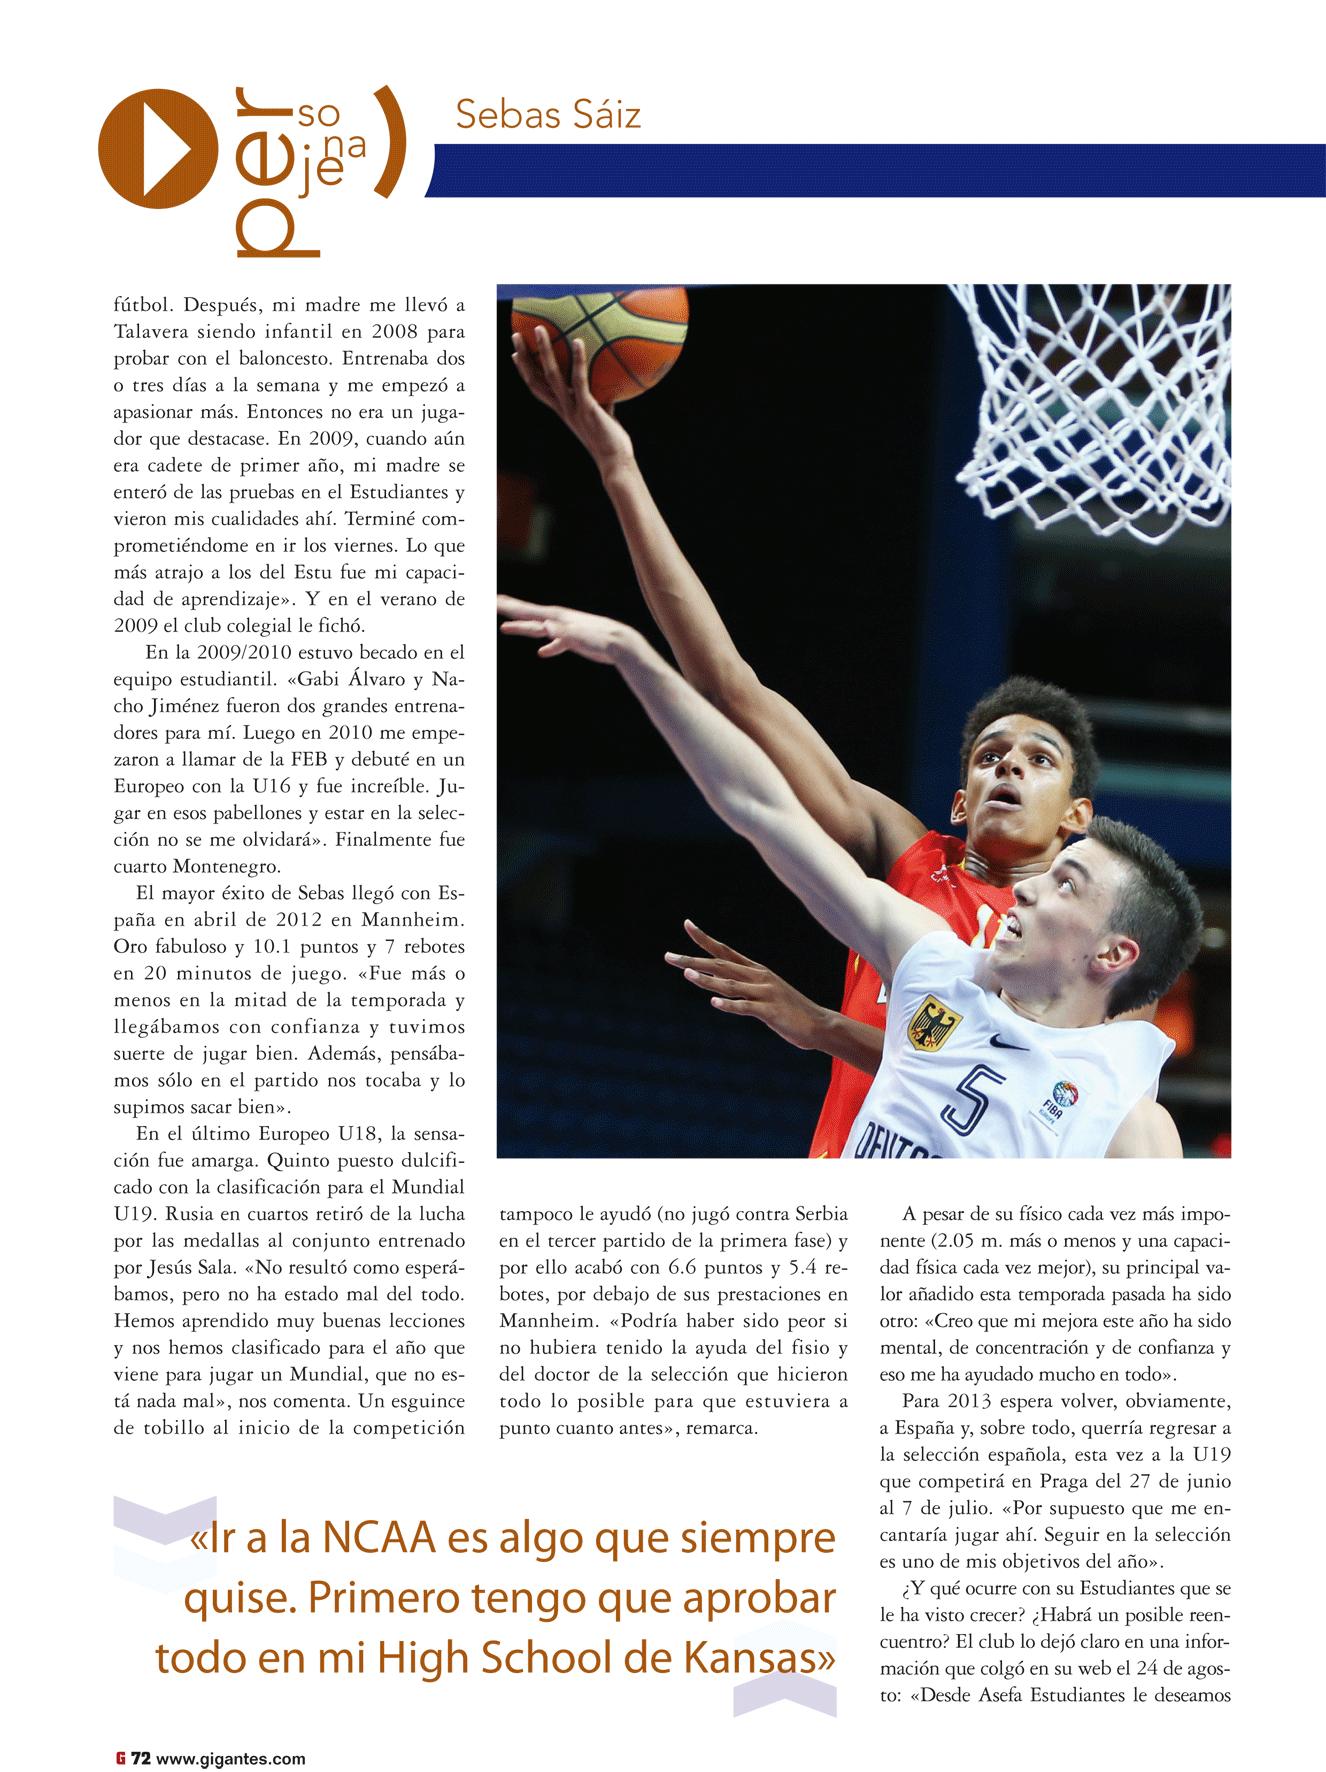 Entrevista-revista-Gigantes-2ª-Semana-Sep-2012 - Página 3